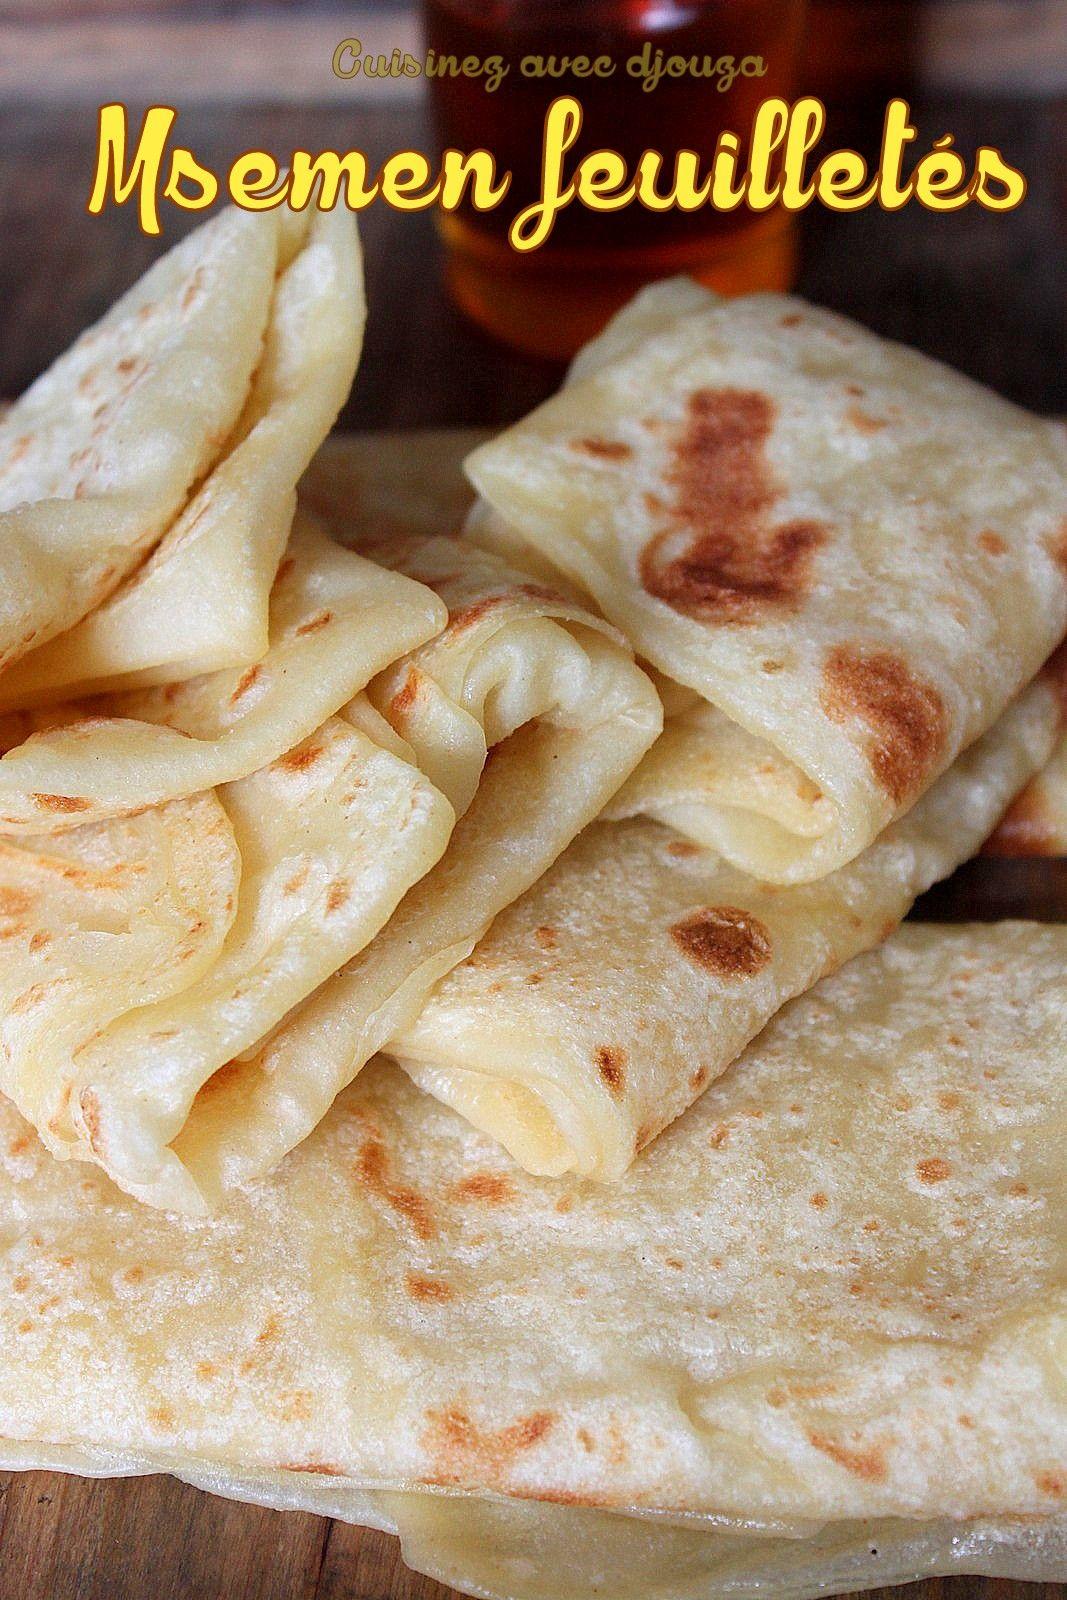 Les 25 meilleures id es de la cat gorie pate crepes sur pinterest recette pate a pancake pate - Recette crepe fine et legere ...